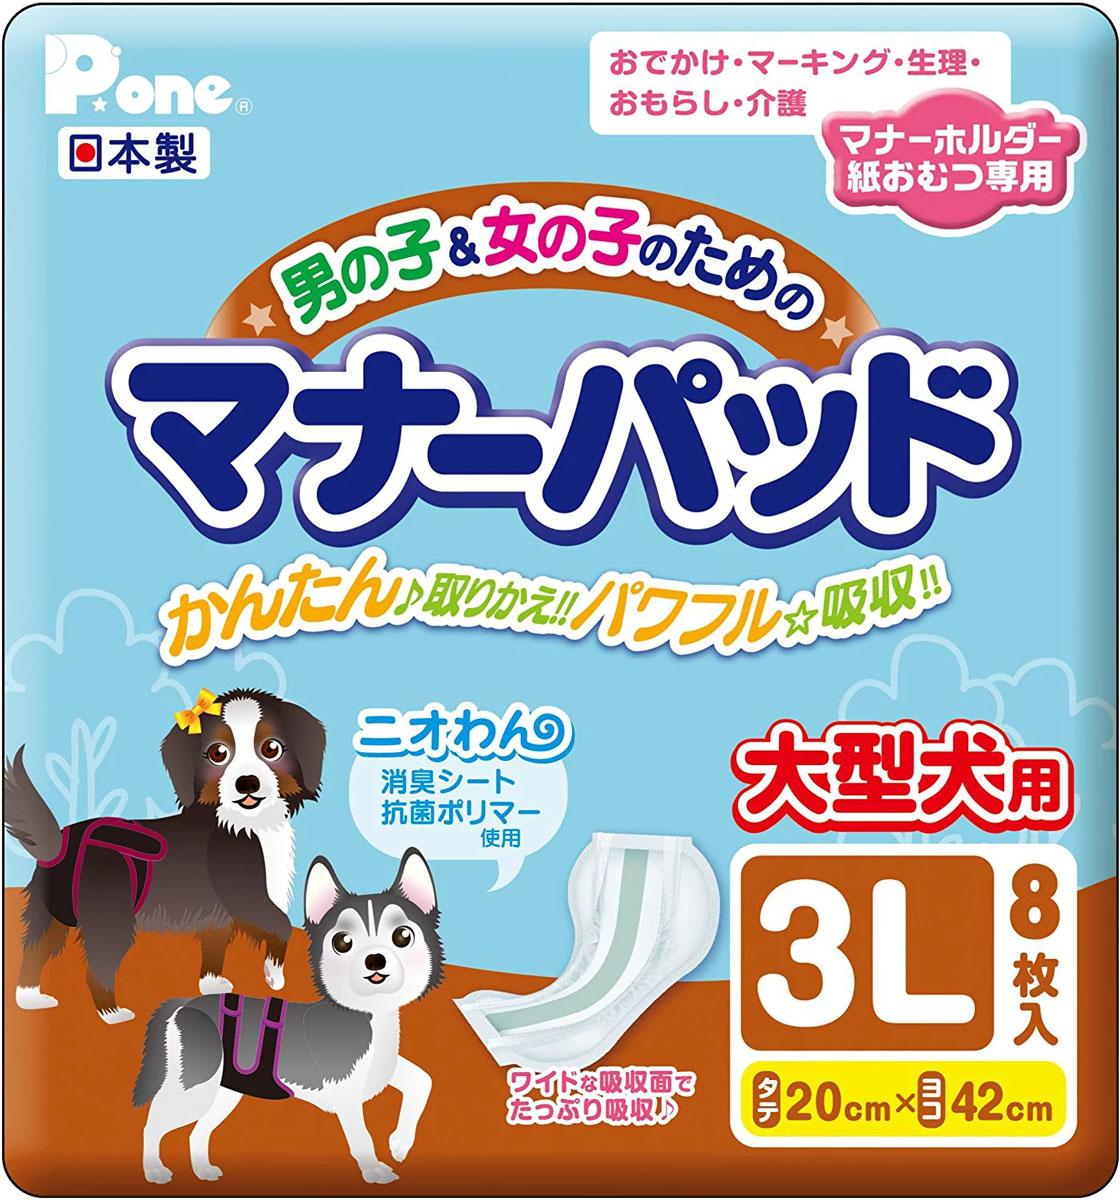 утилизаторы подгузников Прокладки Premium Pet Japan для защитных поясов и подгузников 8 шт для кобелей и сук Lll (1 уп)